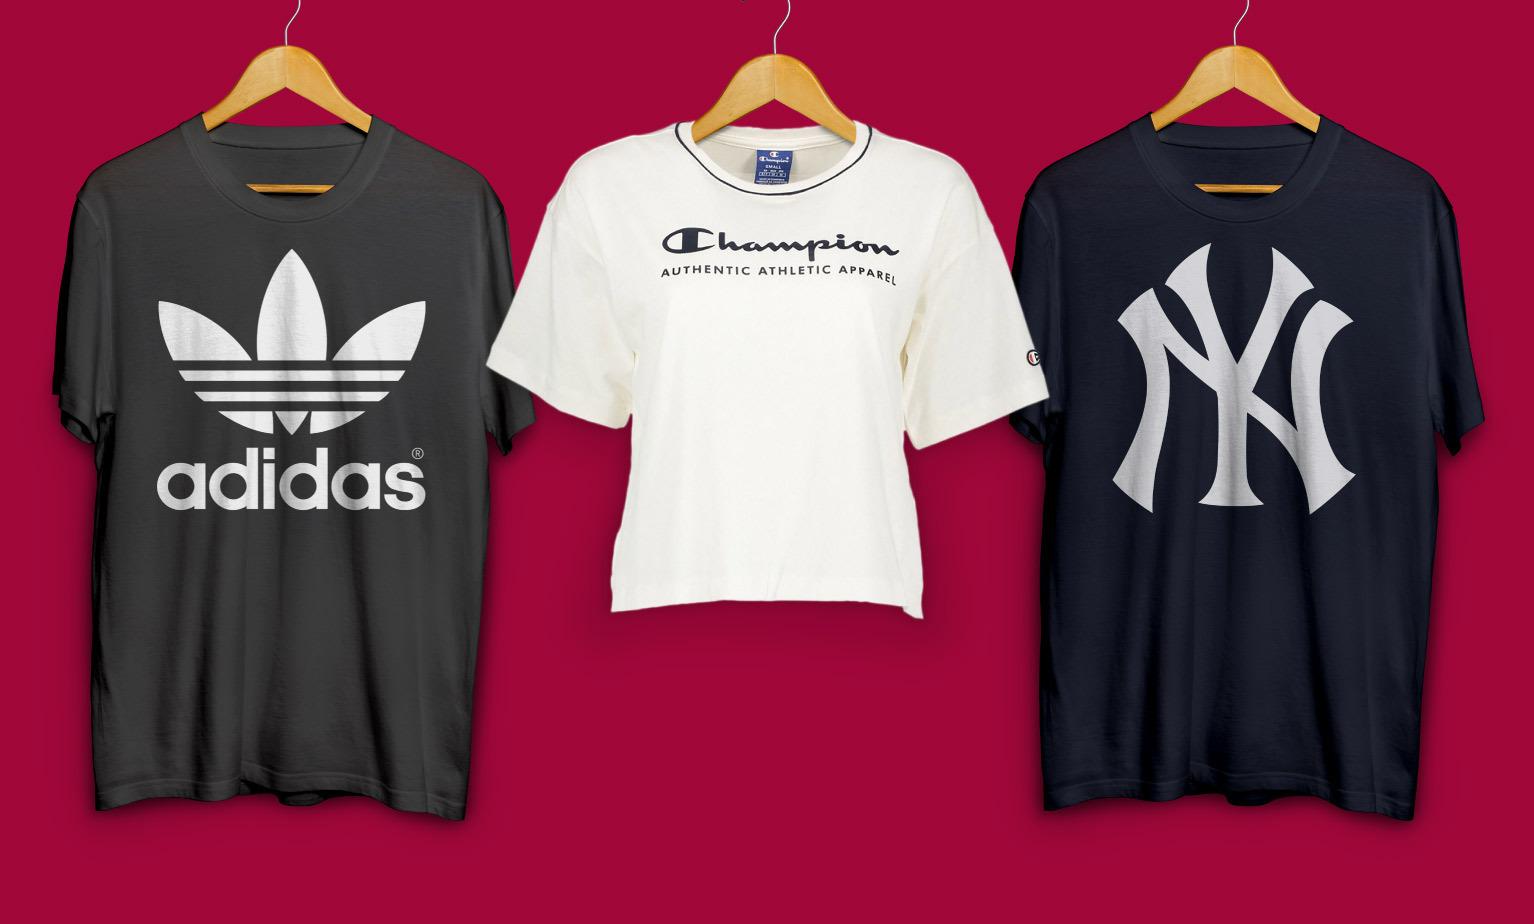 Le t-shirt che ami costano meno